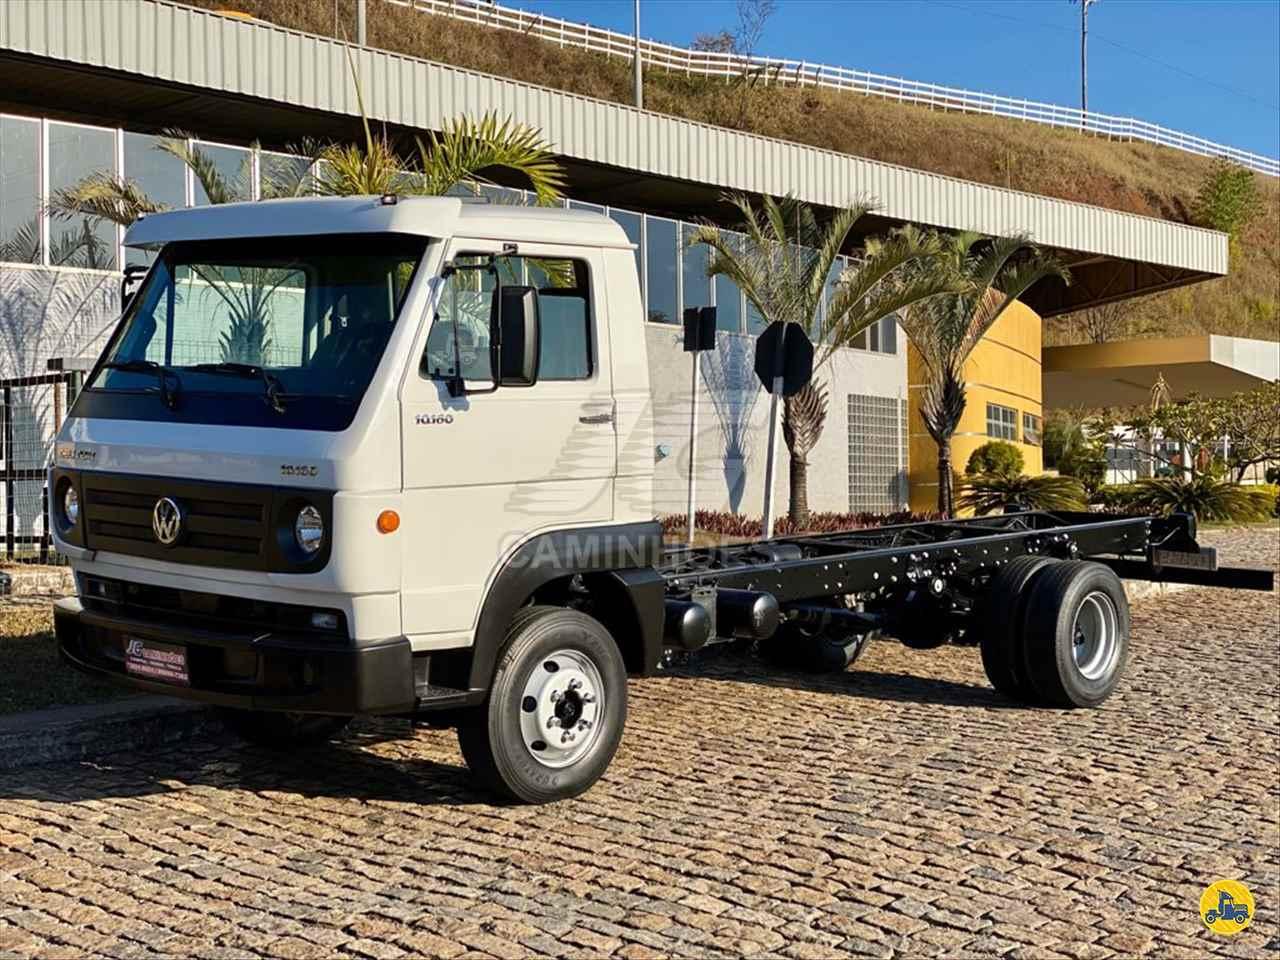 CAMINHAO VOLKSWAGEN VW 10160 Chassis 3/4 4x2 JG Caminhões JOAO MONLEVADE MINAS GERAIS MG